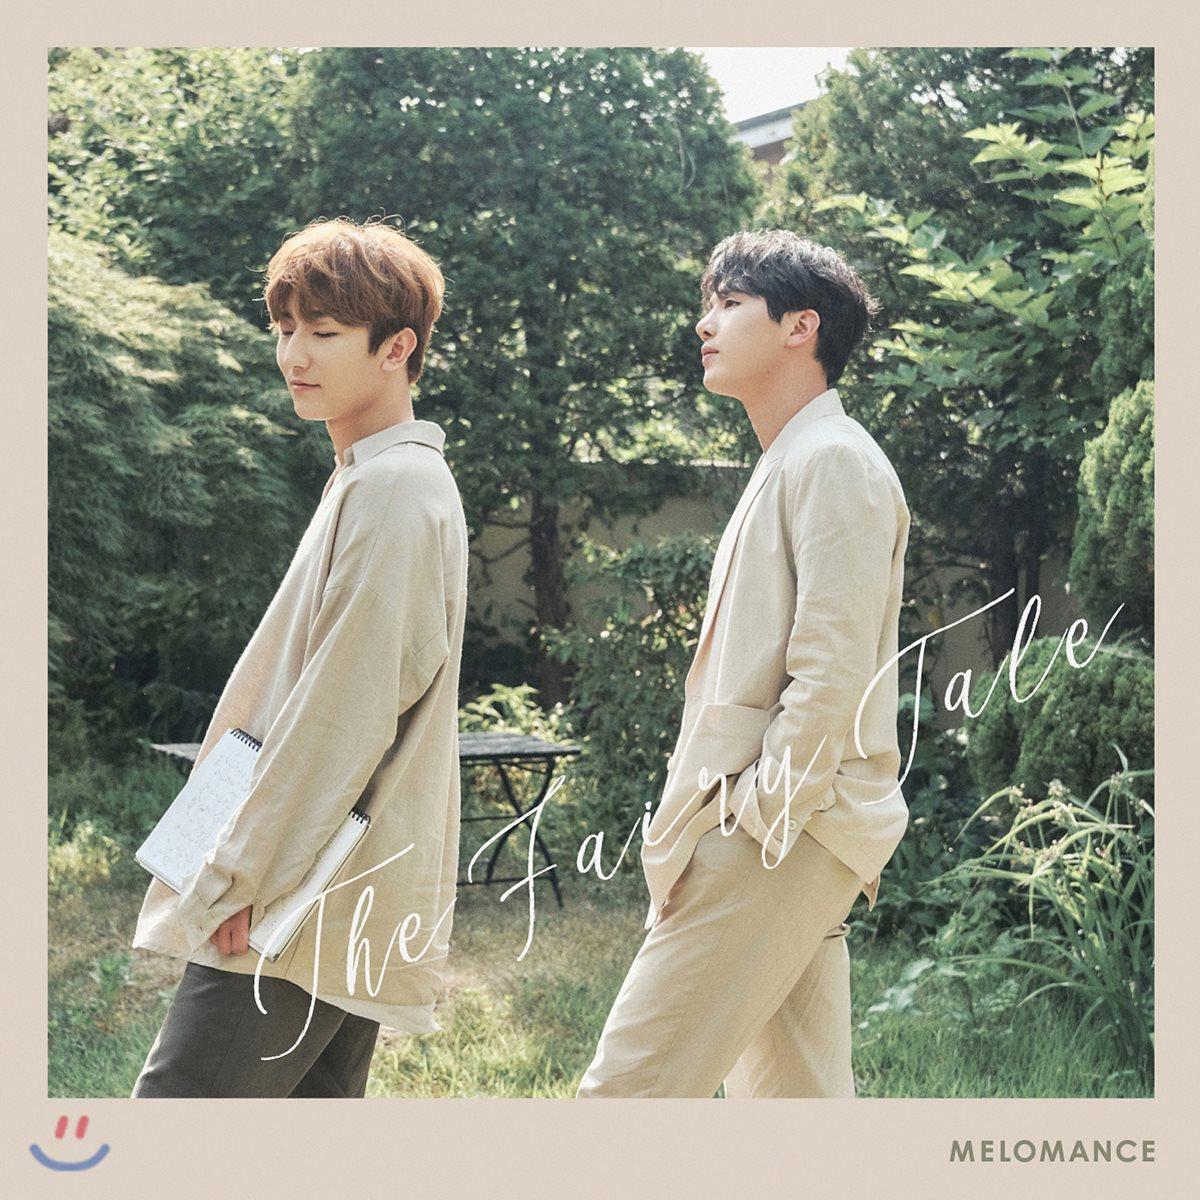 멜로망스 (MeloMance) - 미니앨범 5집 : The Fairy Tale